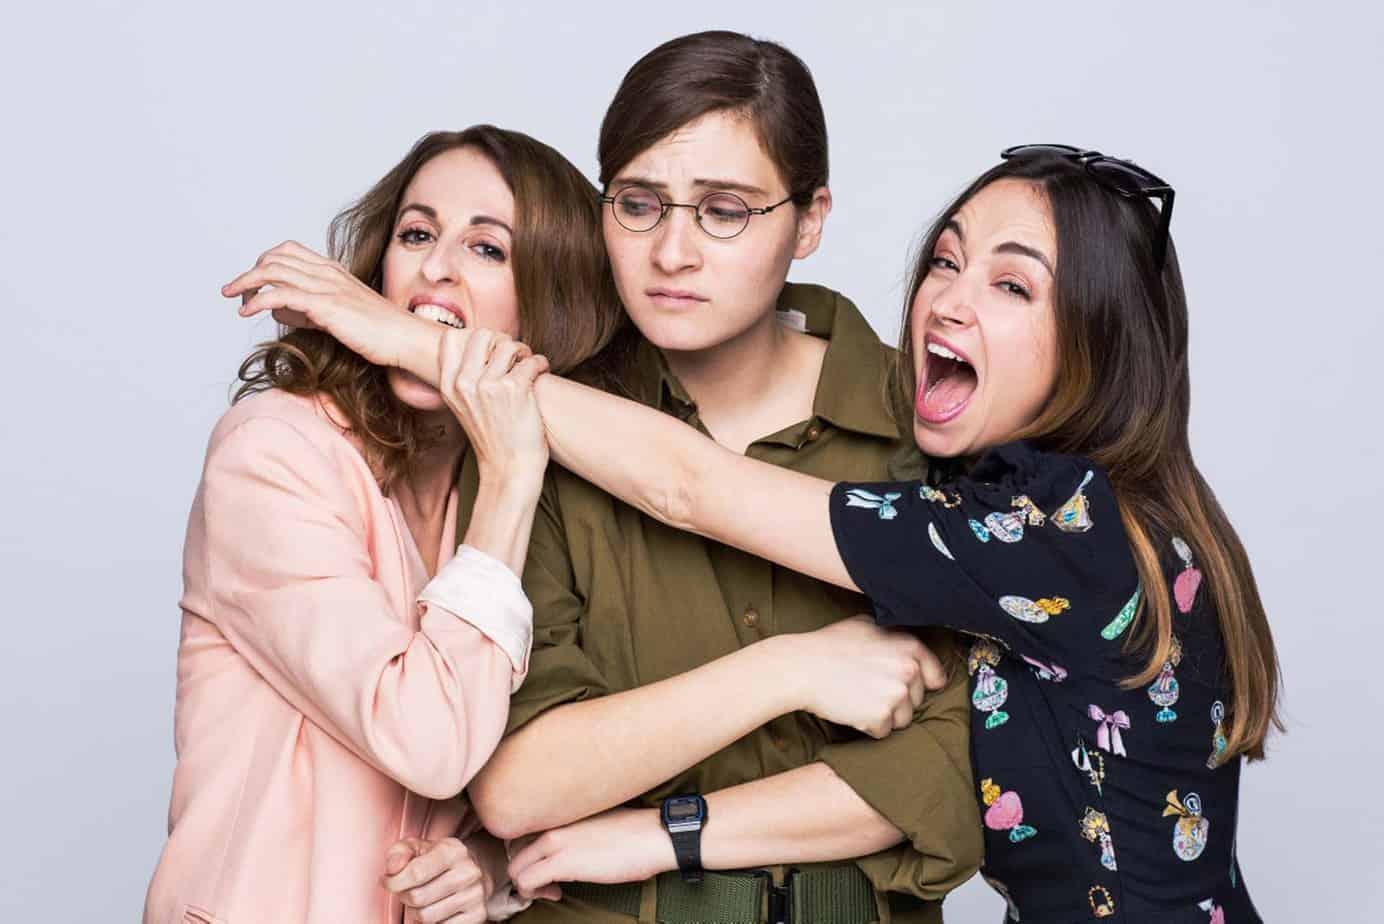 נלי תגר, טס השילוני, דנה סמו. ״האחיות המוצלחות שלי״. צילום אוהד רומנו - 1